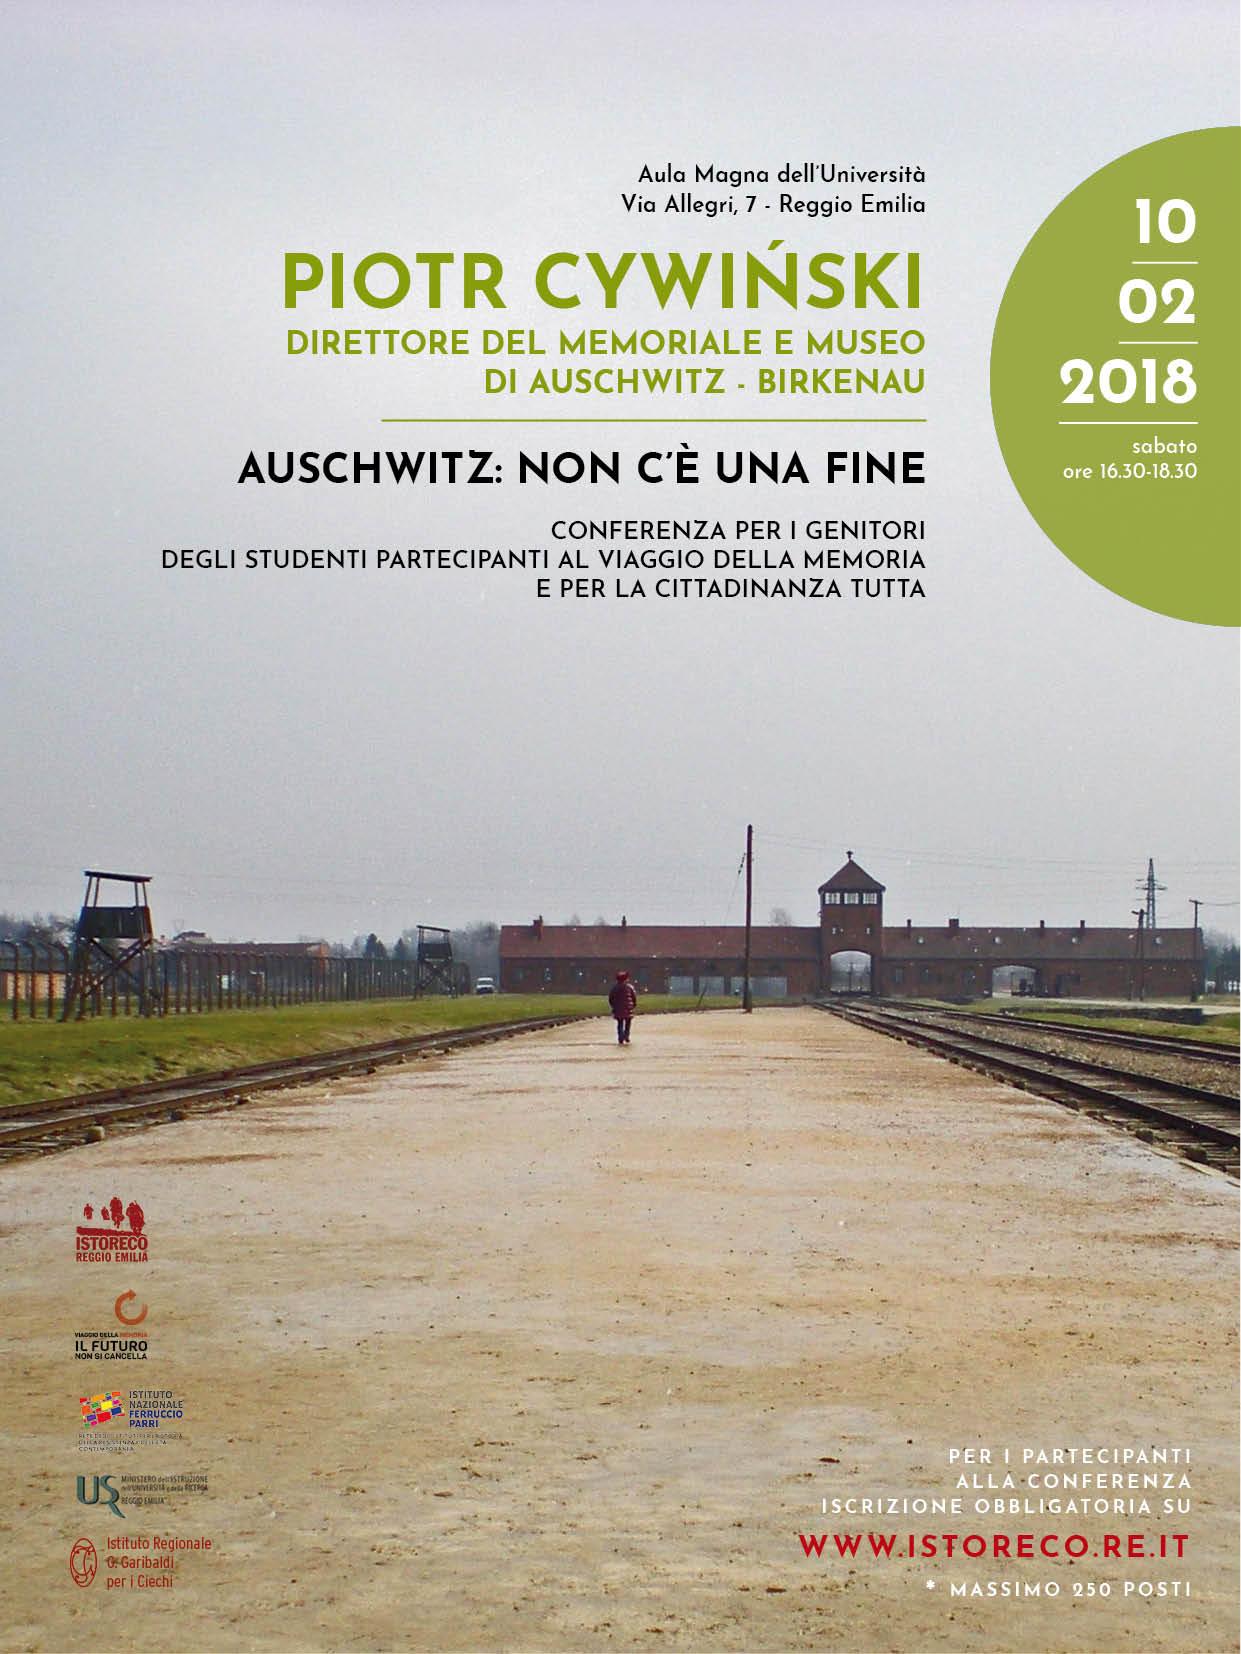 Il nostro grazie: un incontro a Reggio col direttore del memoriale di Auschwitz